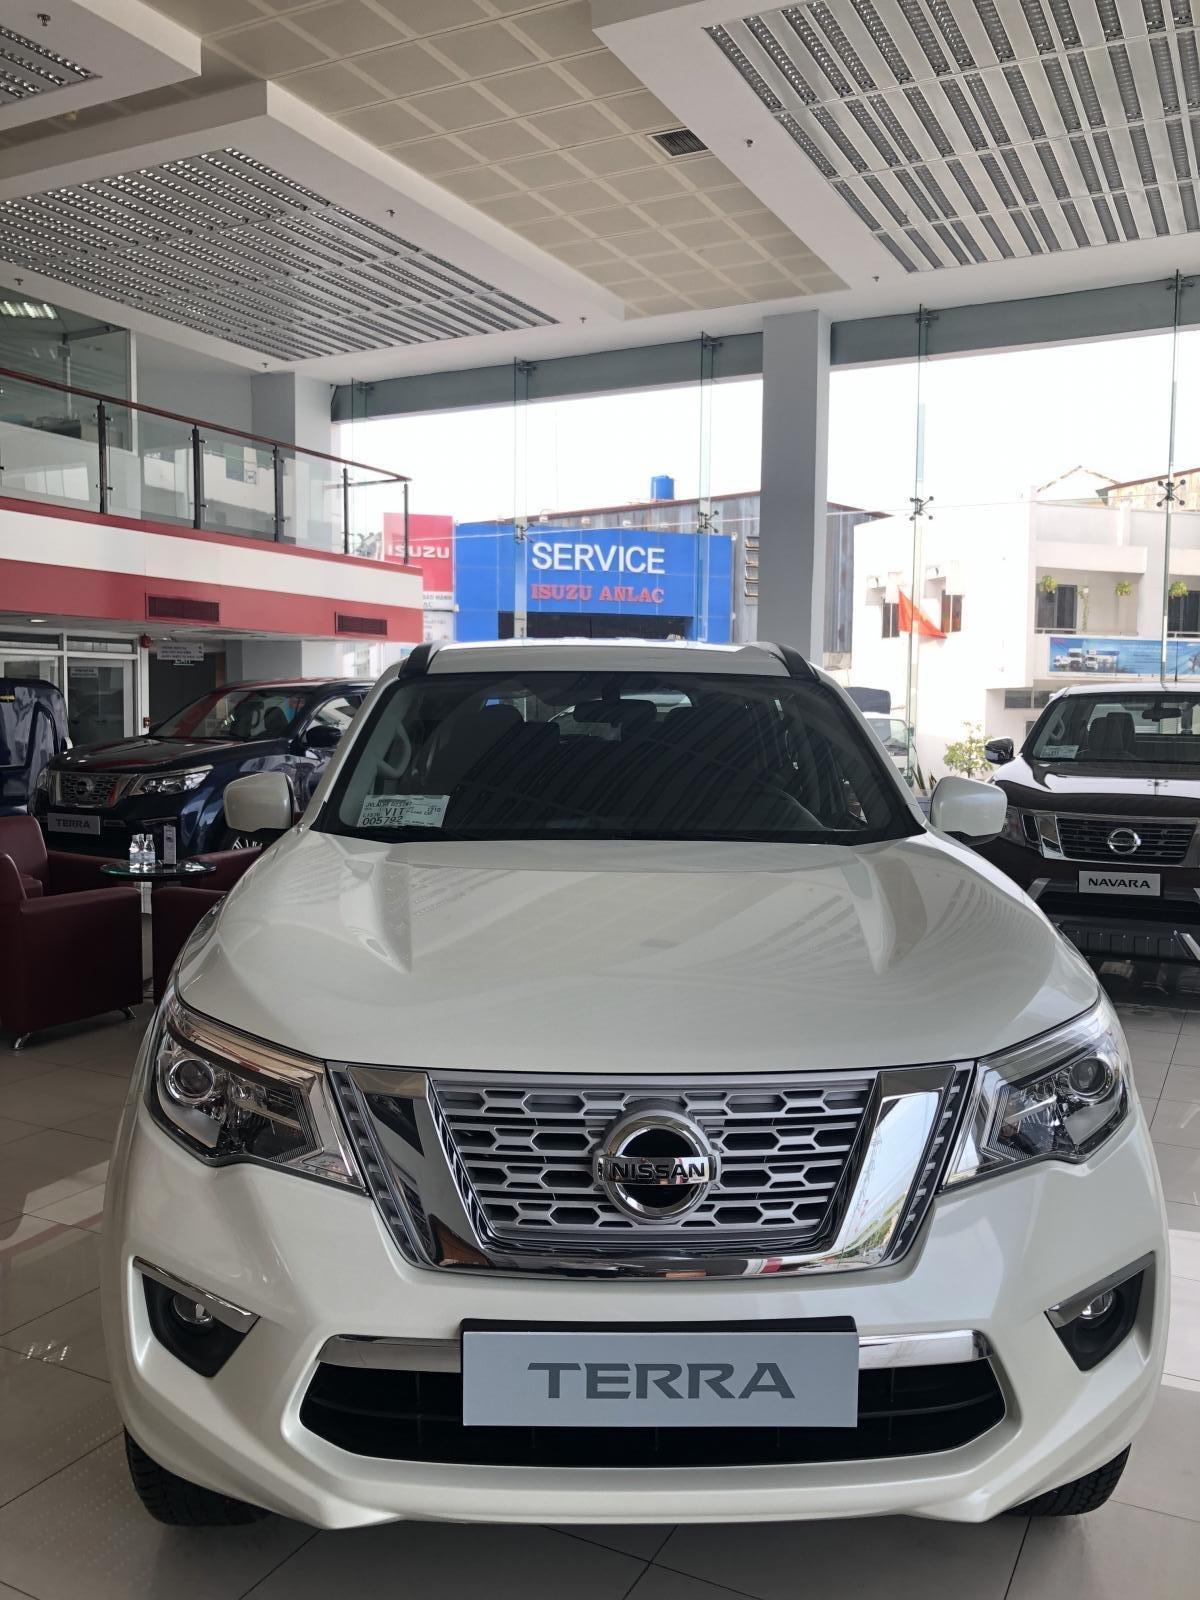 Cần bán Nissan Terra S sản xuất 2019, CTKM hấp dẫn, giao xe ngày, LH 0964218528-0